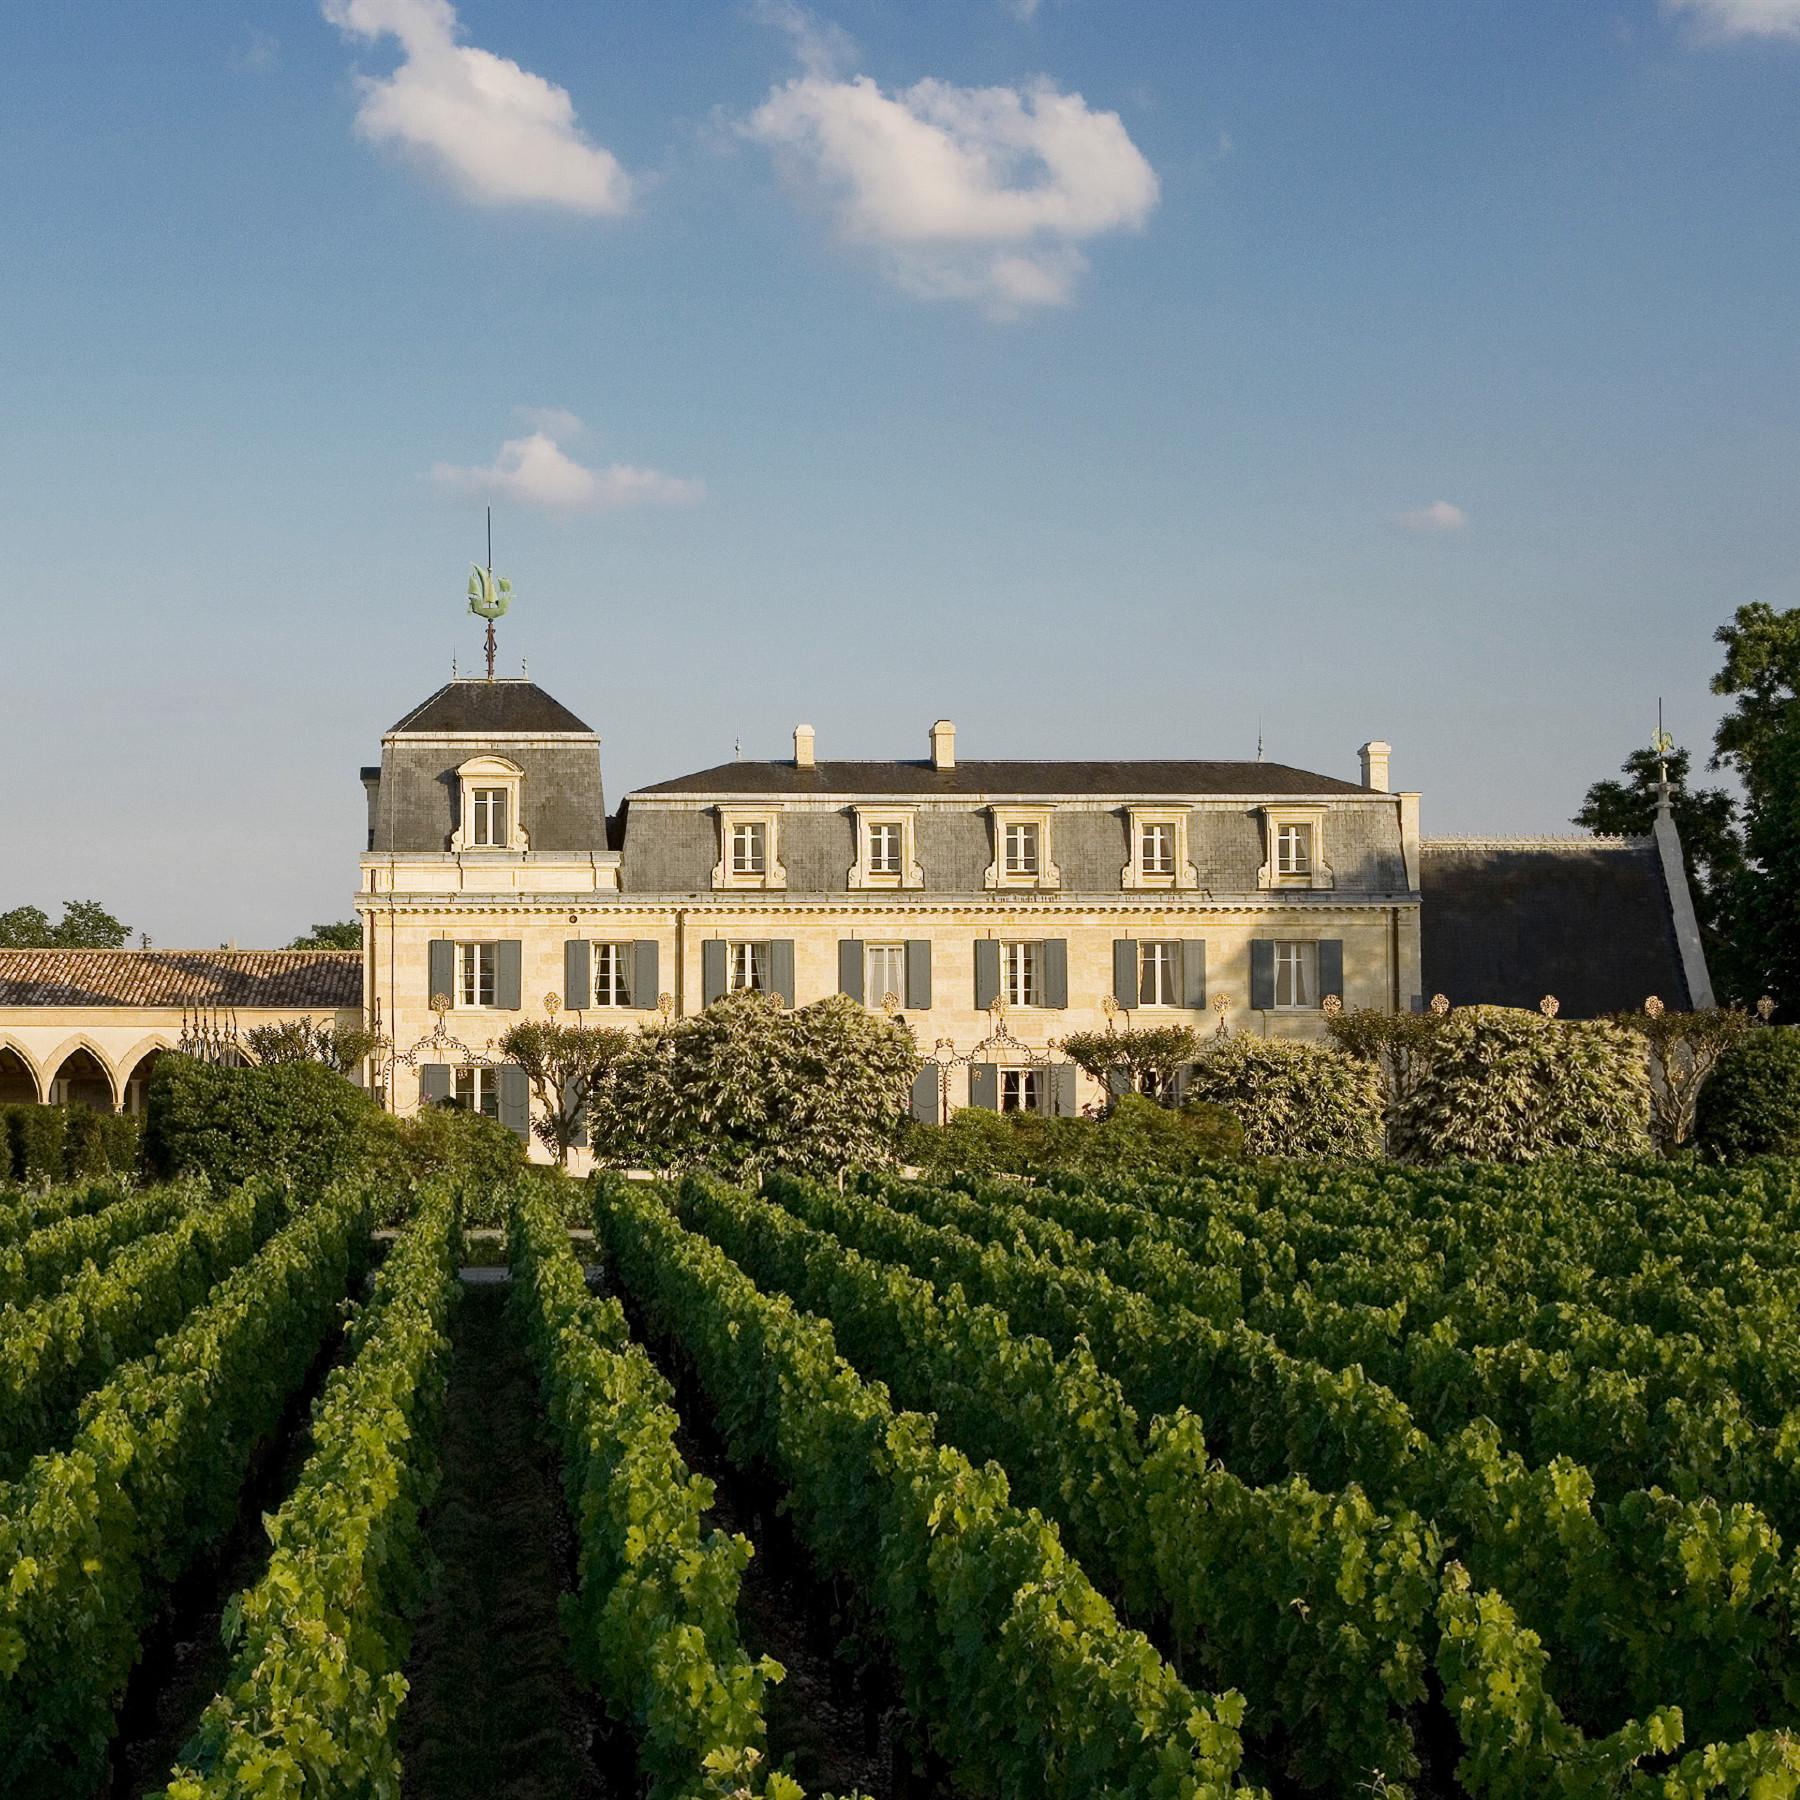 美讯酒庄(Chateau La Mission Haut-Brion)